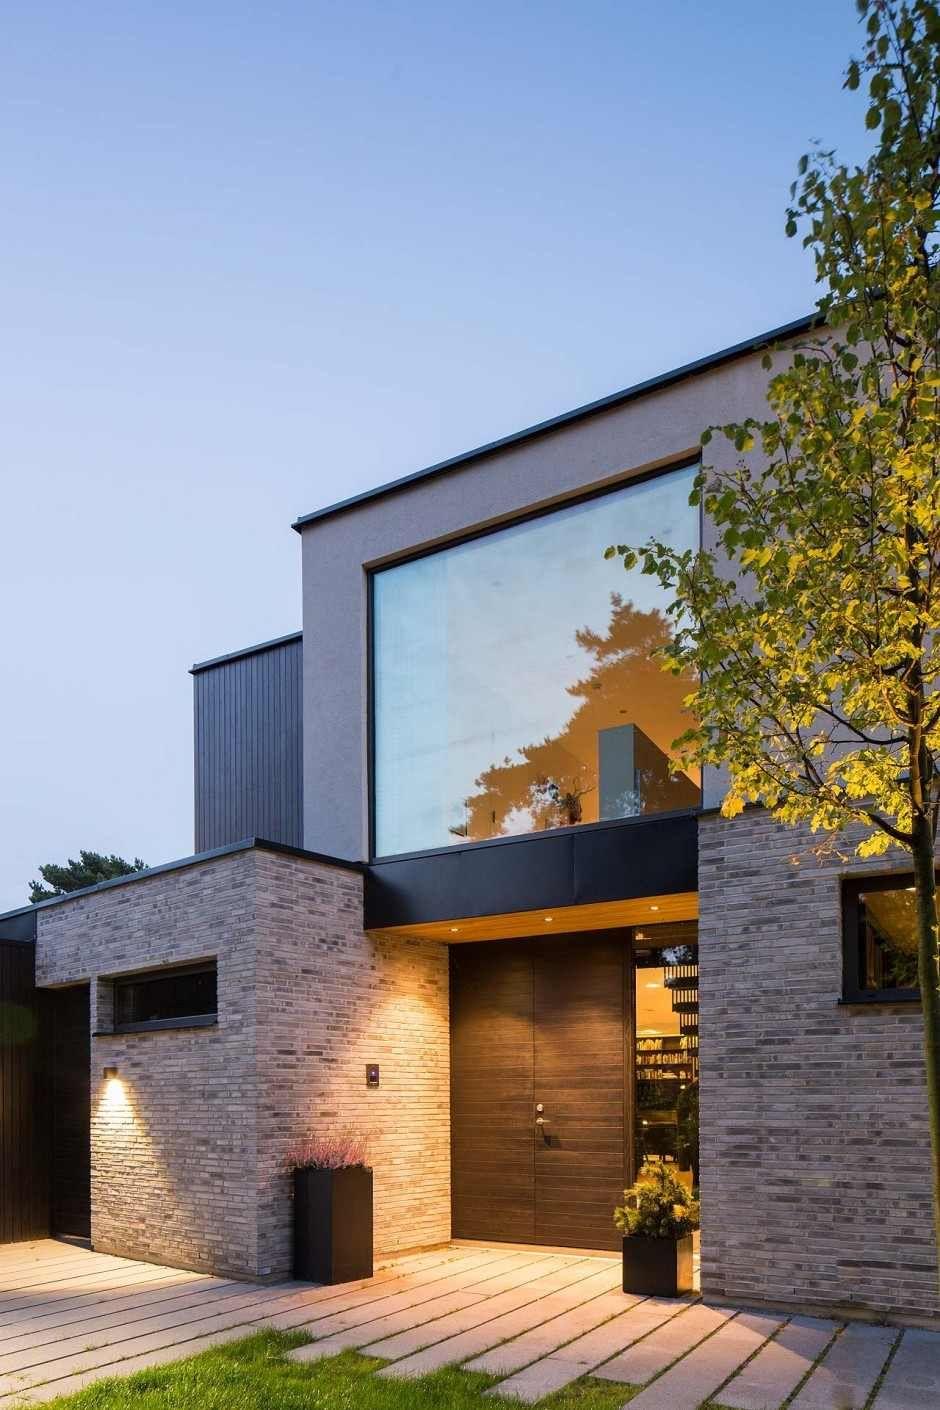 Einfamilienhaus treffen klinker neubau eingang moderne architektur haus wohn architektur moderne häuser architektur design